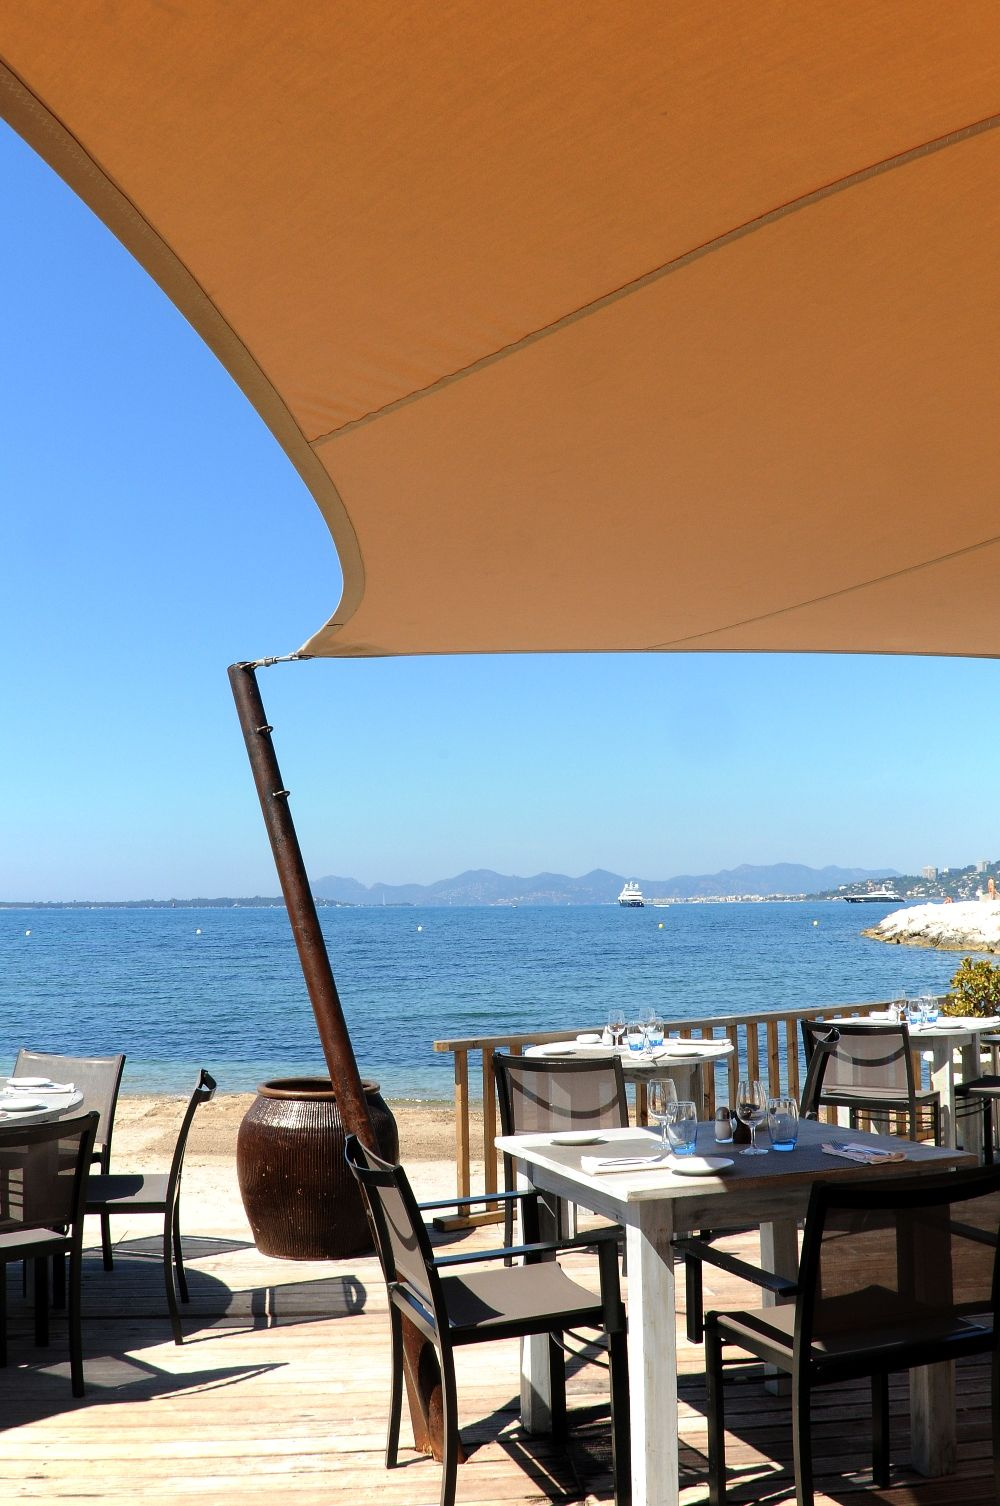 Beach Restaurant Le Cap Cap D Antibes Beach Hotel Relais